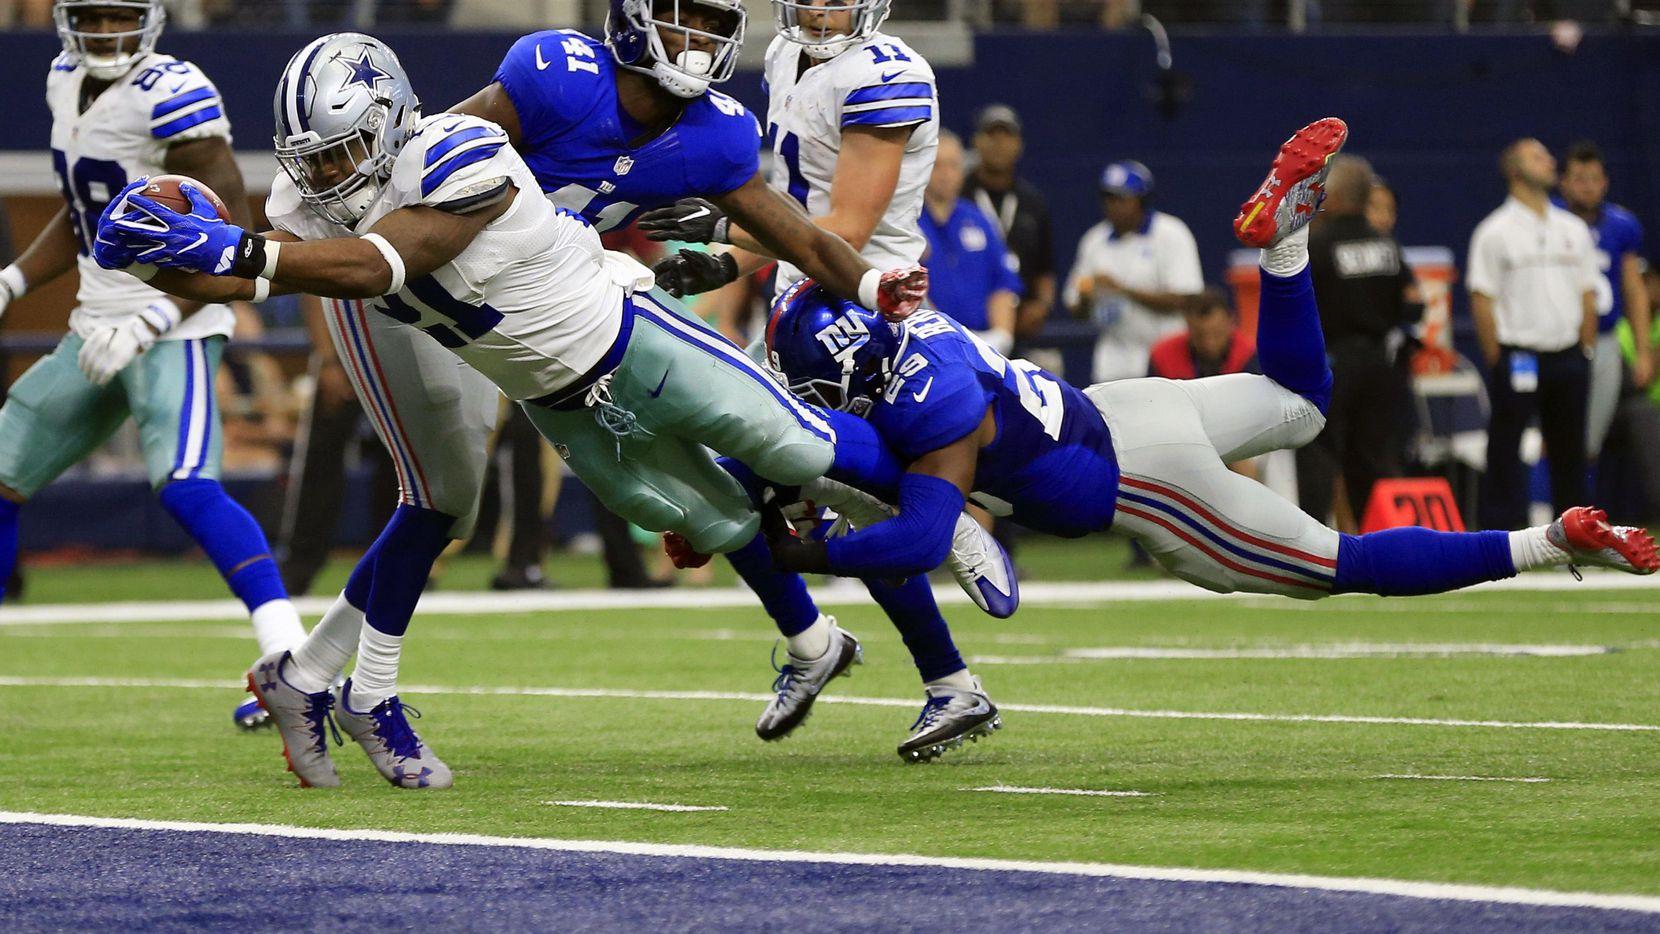 Ezekiel Elliott (21) podrá jugar este domingo con los Cowboys ante los Giants en la Semana 1 de la NFL. Dallas ha perdido sus últimos tres juegos ante Nueva York. (AP/Ron Jenkins)